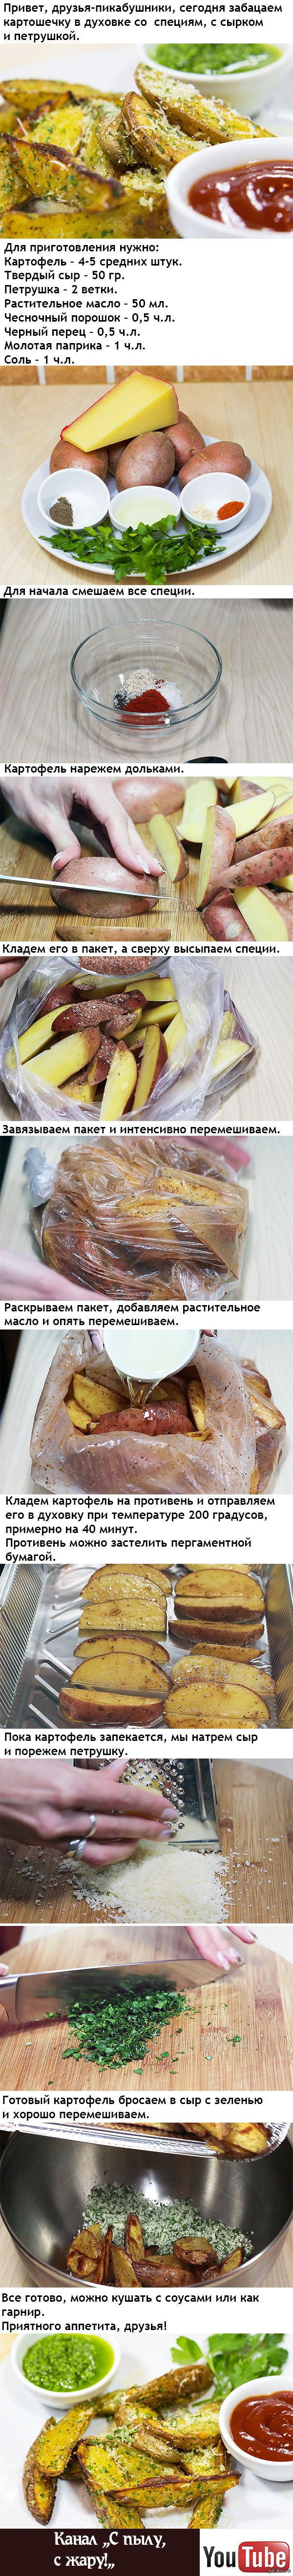 Запеченный в духовке картофель со специями А еще с сыром и петрушкой (картофель по селянски)